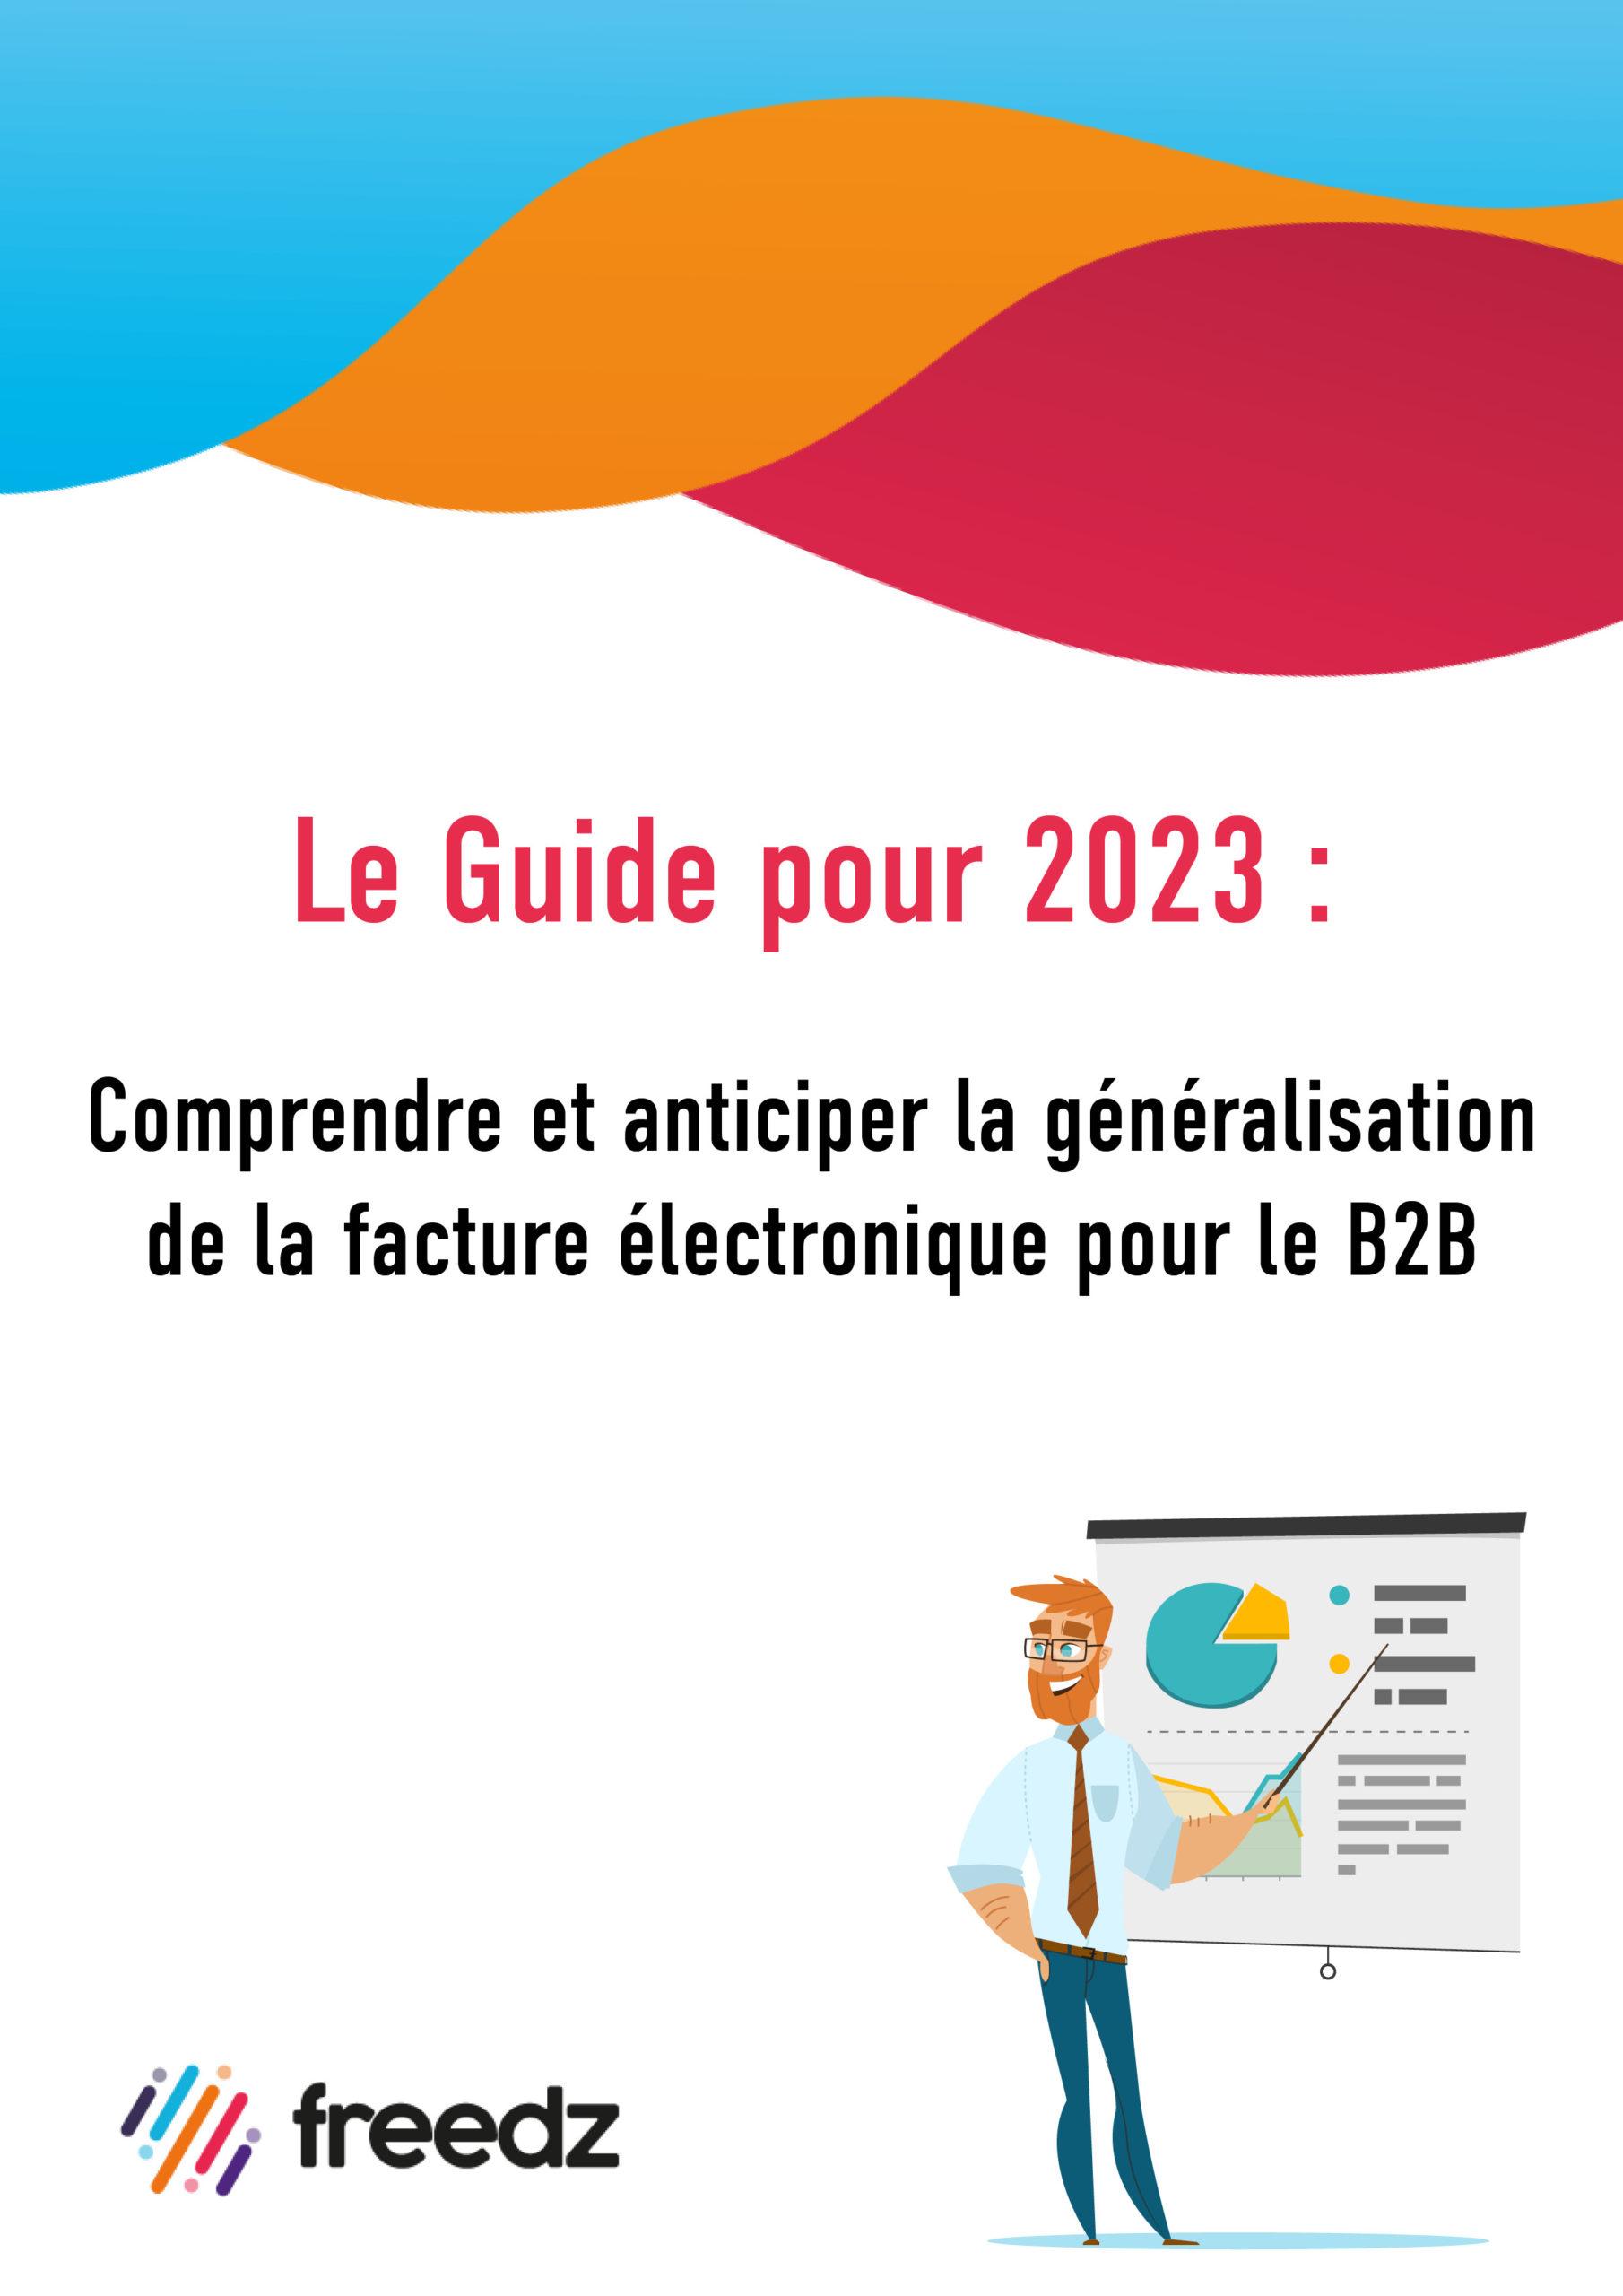 Le guide pour comprendre et anticiper la généralisation de la facture électronique en 2023